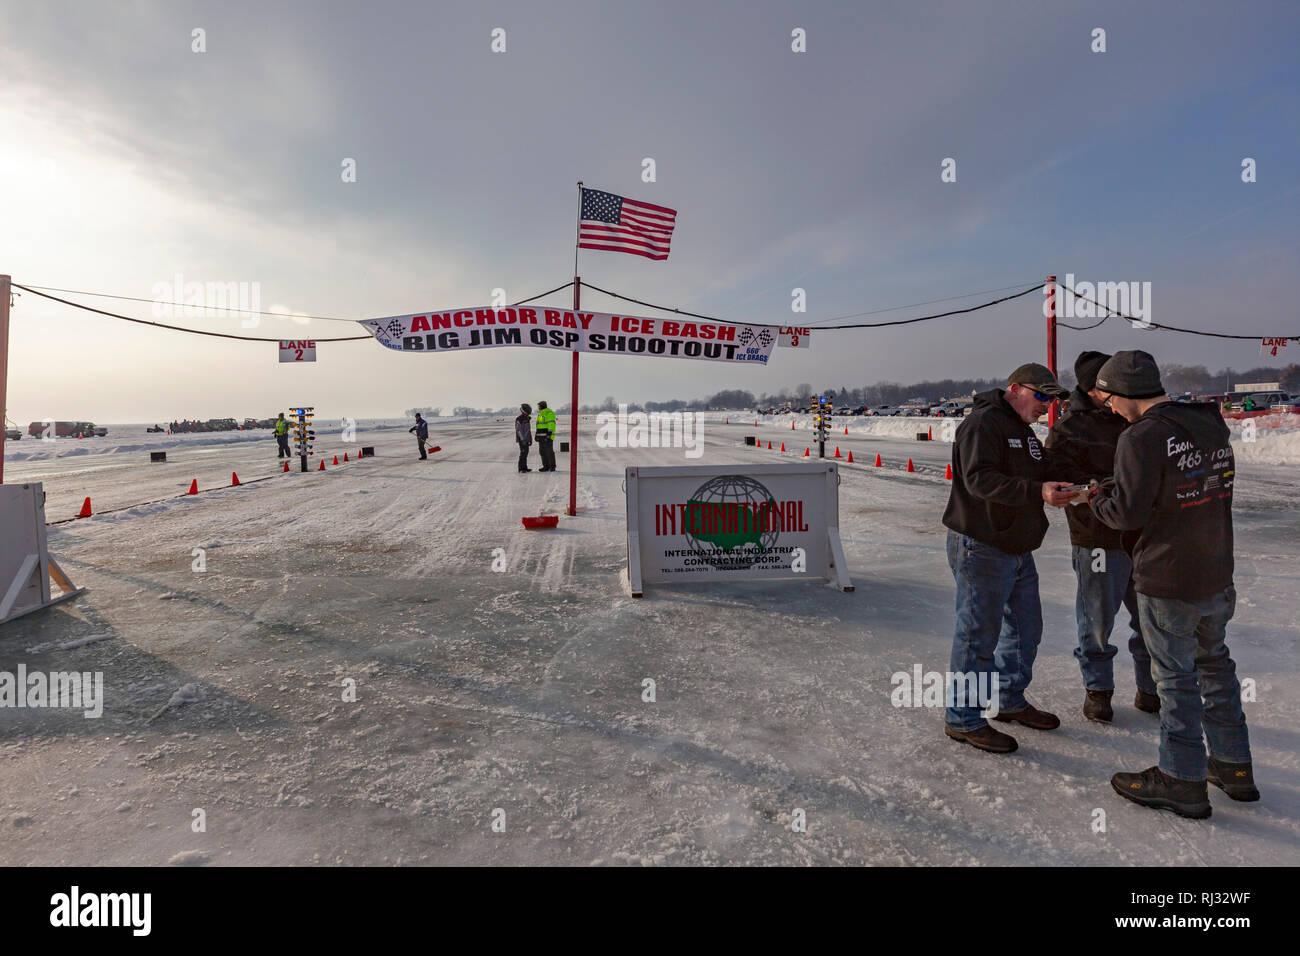 Fair Haven, Michigan - Race officials confer before a